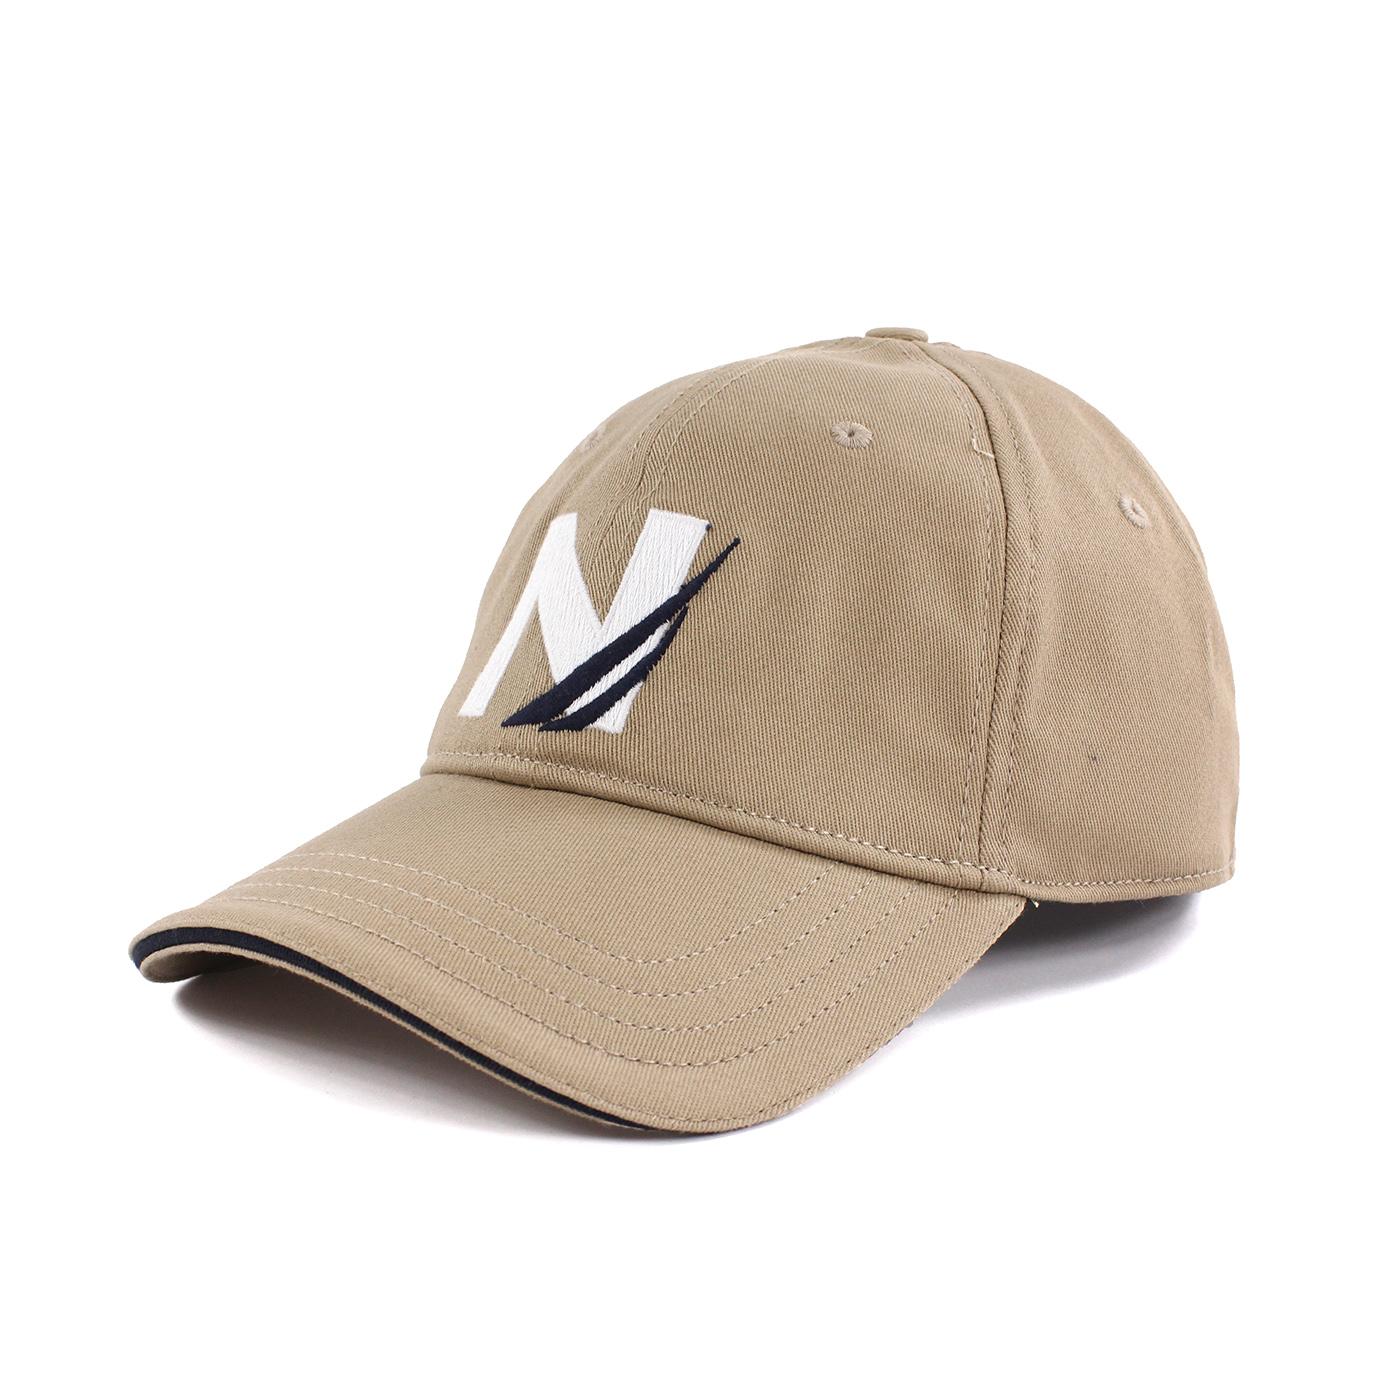 美國百分百【全新真品】NAUTICA 帆船牌 帽子 配件 棒球帽 男帽 遮陽帽 鴨舌帽 LOGO 卡其 S號 F603